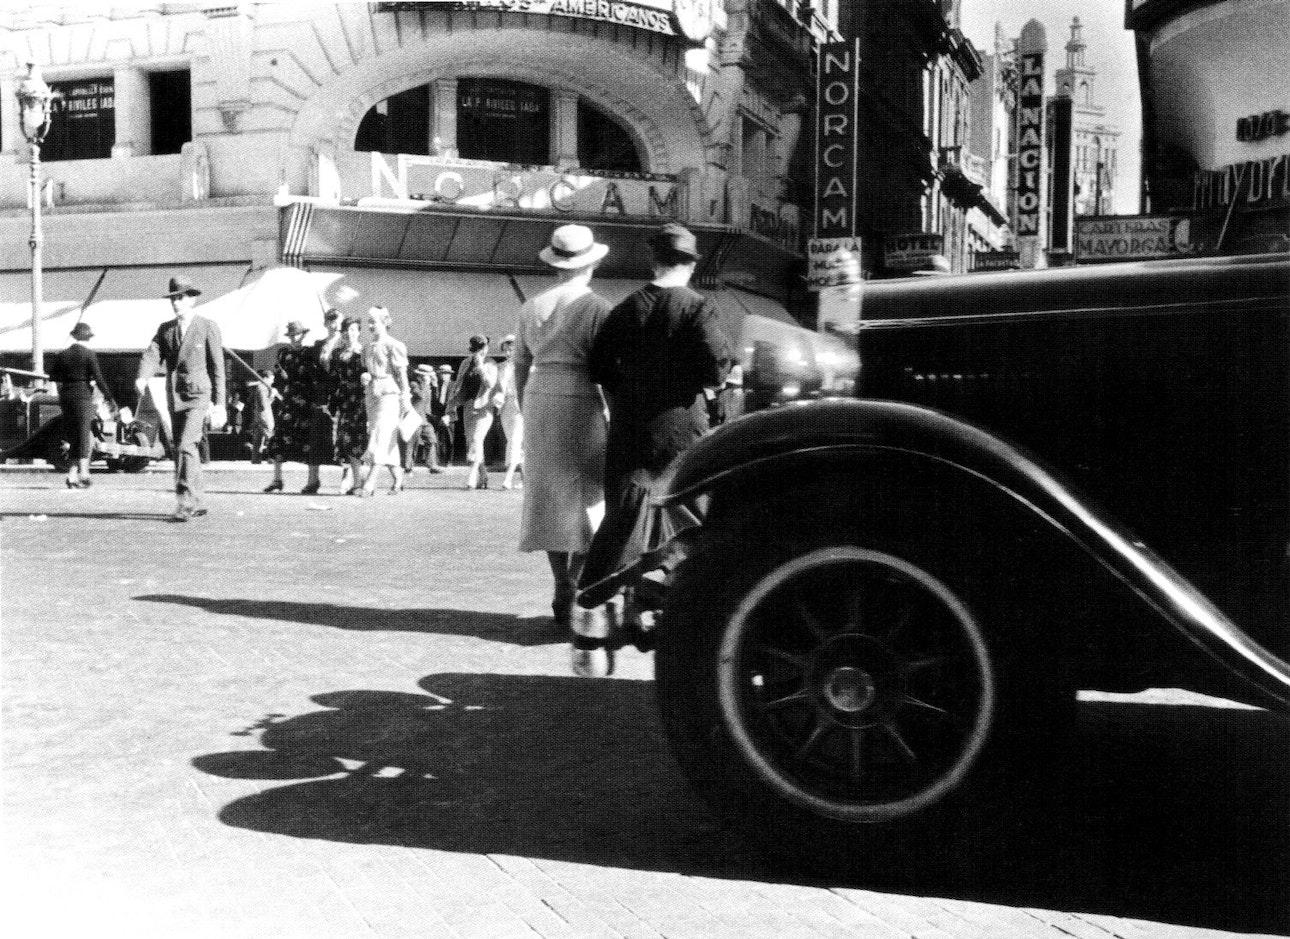 Horacio_Coppola_-_Buenos_Aires_1936_-_Florida_y_Corrientes